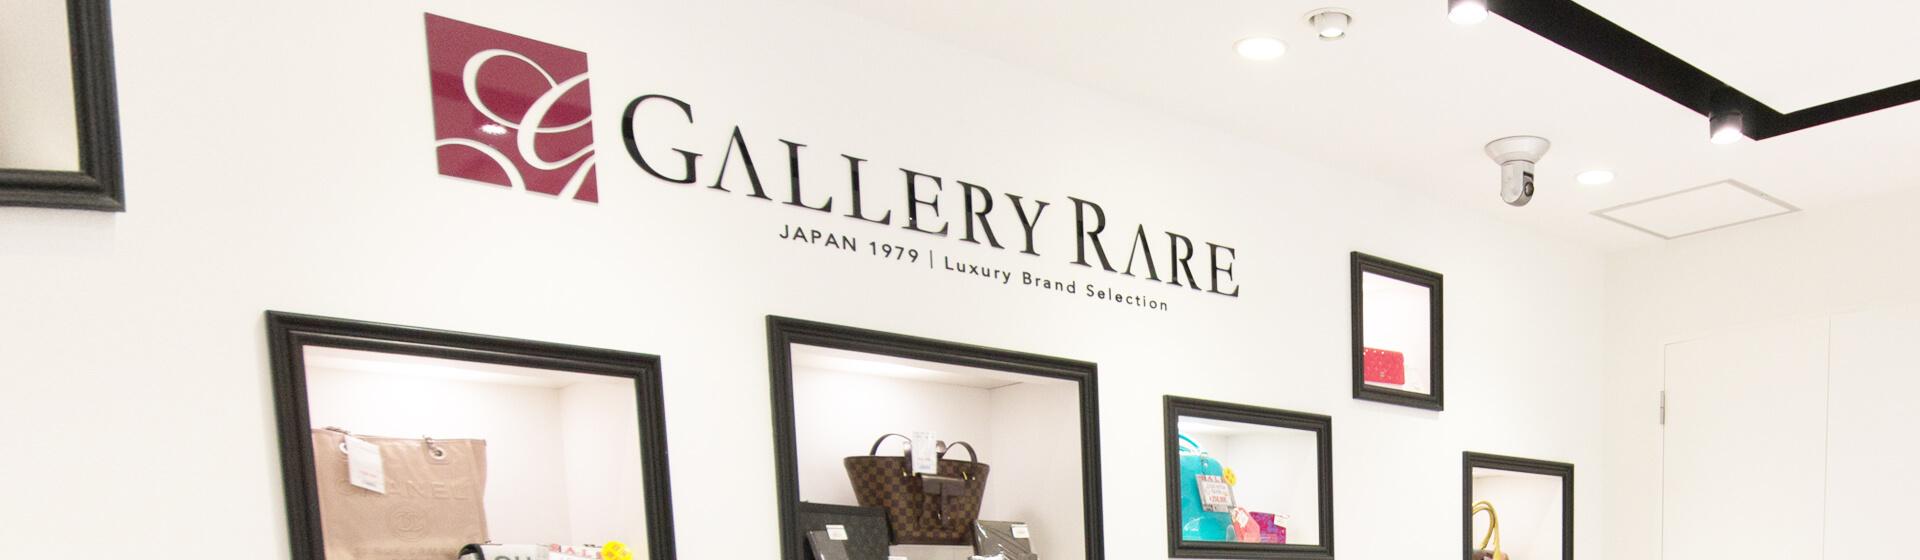 ブランド品、高価買取のギャラリーレア 東心斎橋店へようこそ